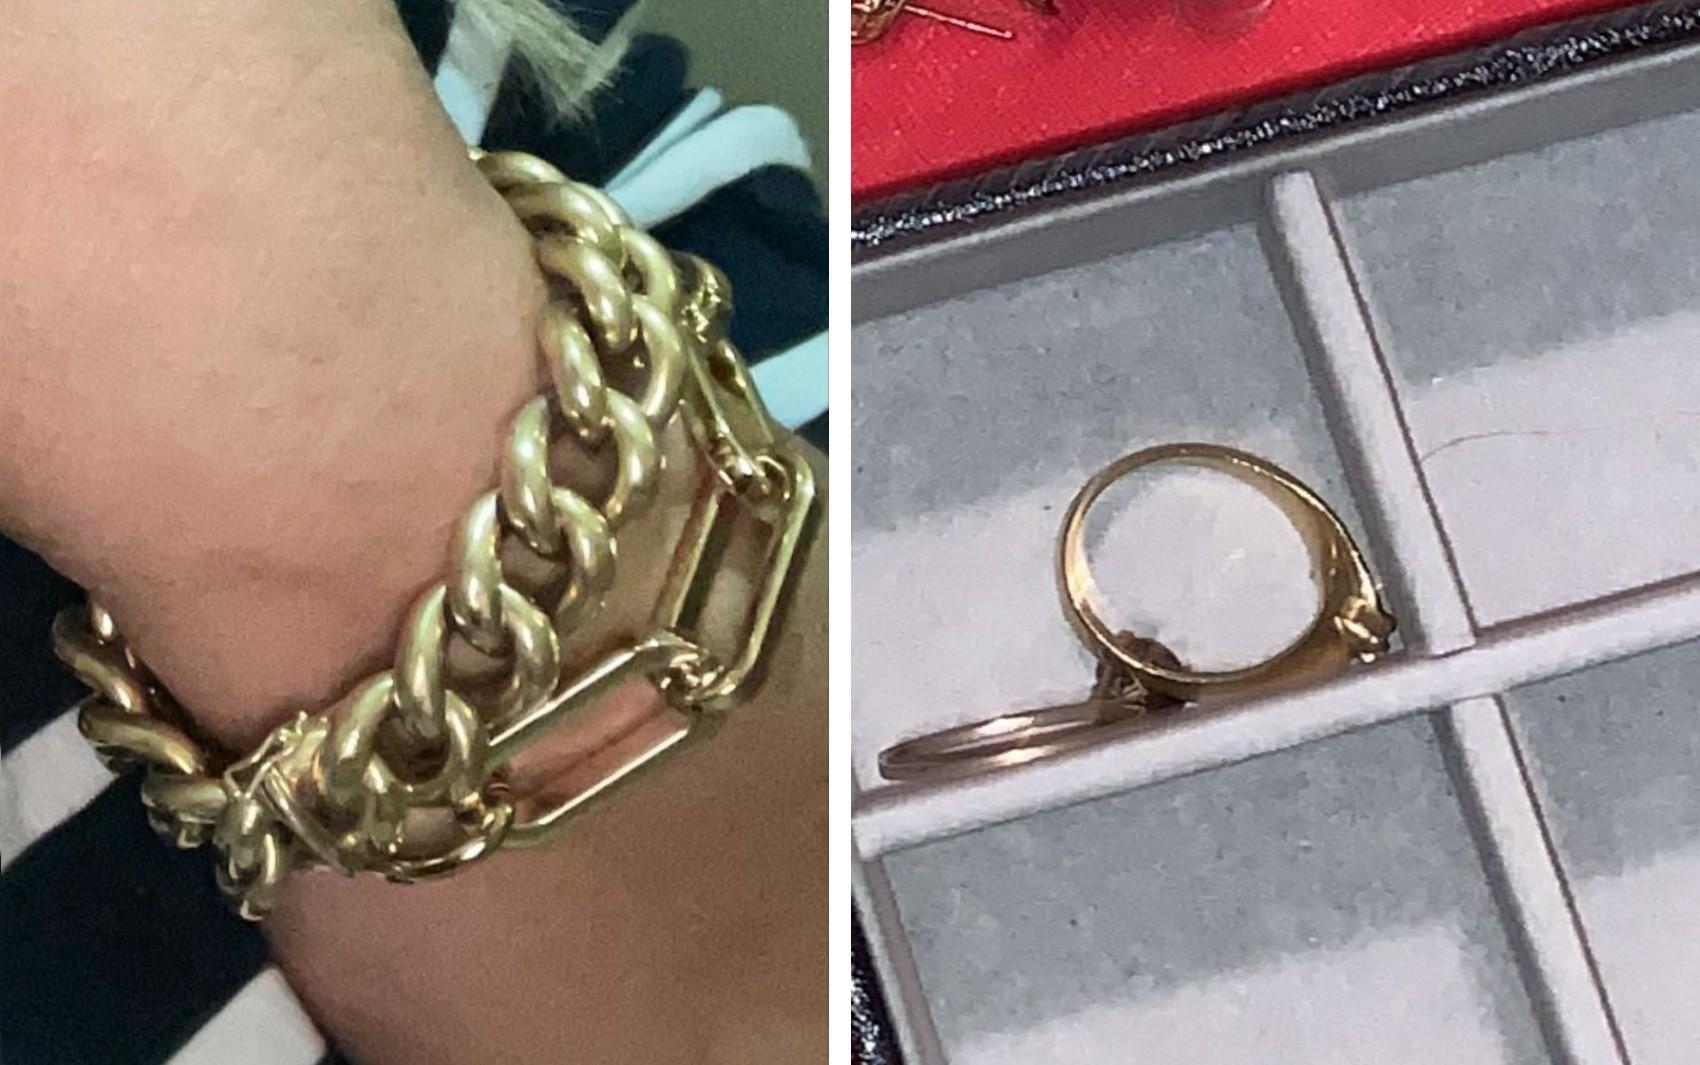 Cuidadora de idosos é presa suspeita de furtar perfumes, joias e até roupas de 'amiga' que a contratou em Goiânia